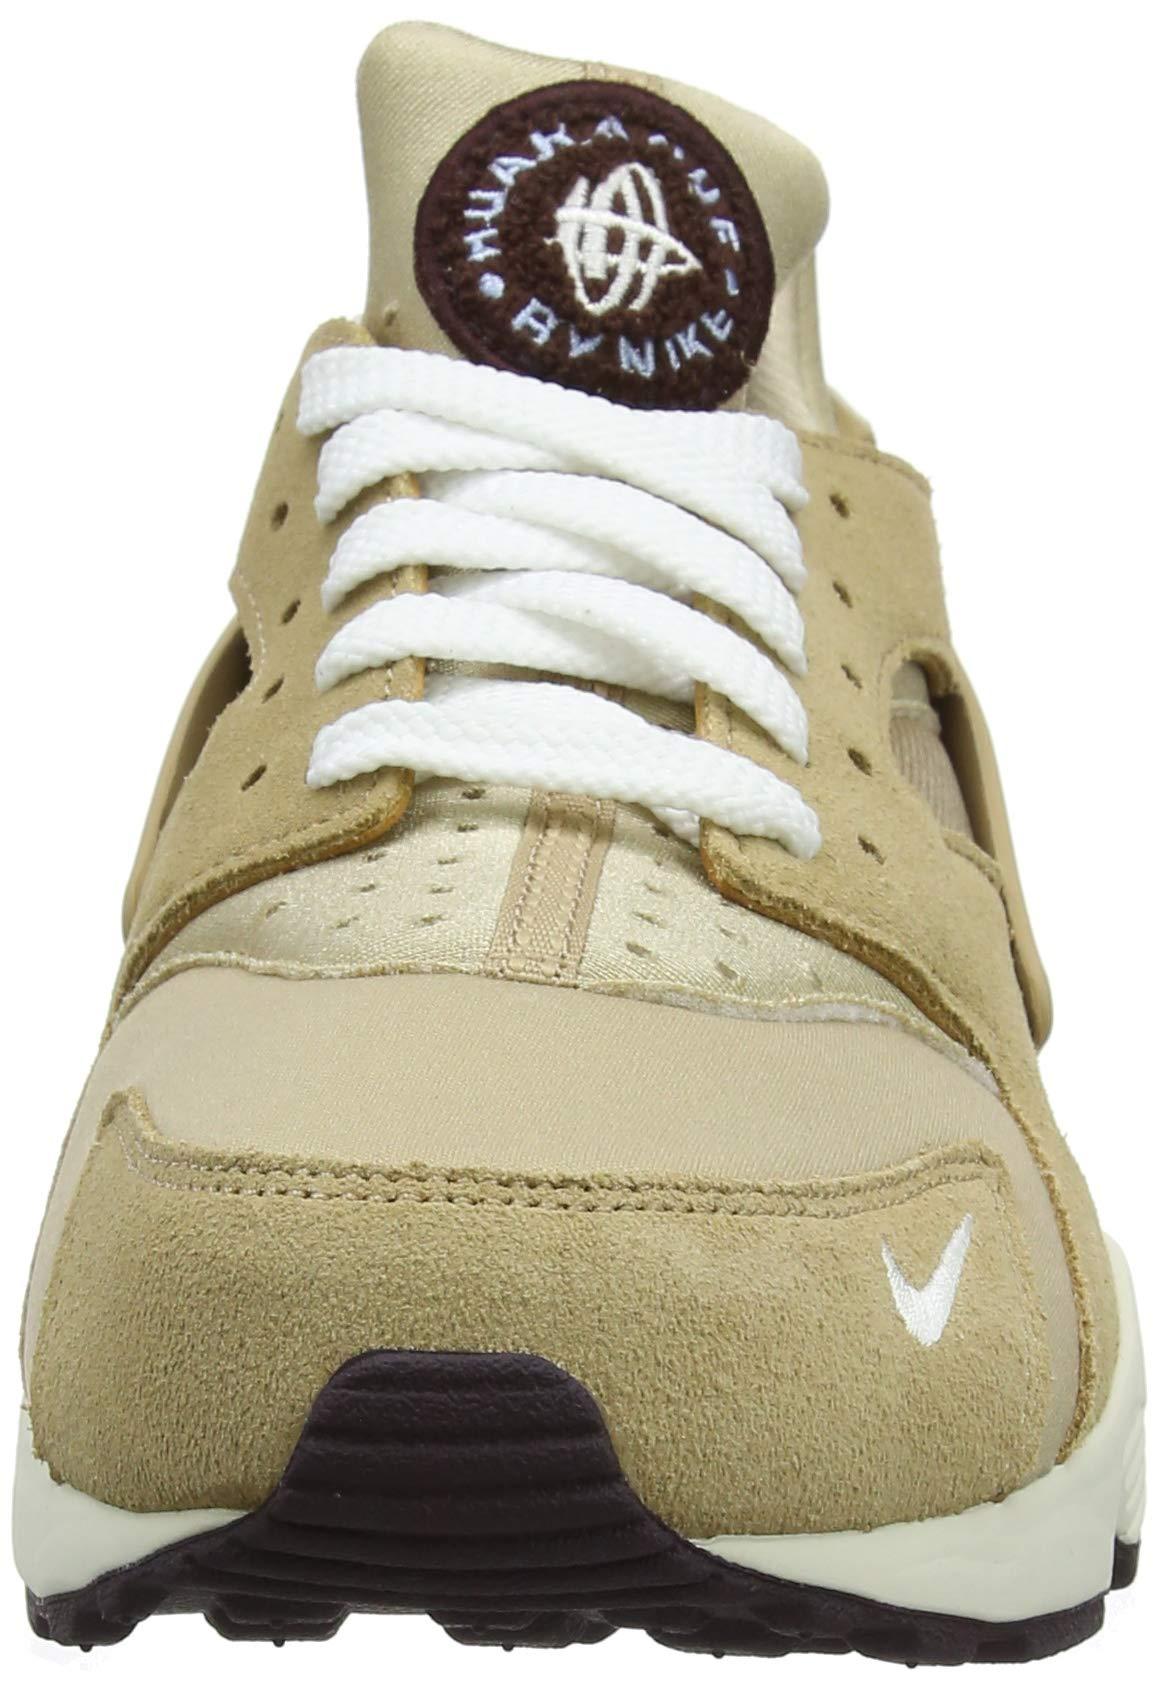 71aX1QwNIUL - Nike Men's Air Huarache Run PRM Fitness Shoes